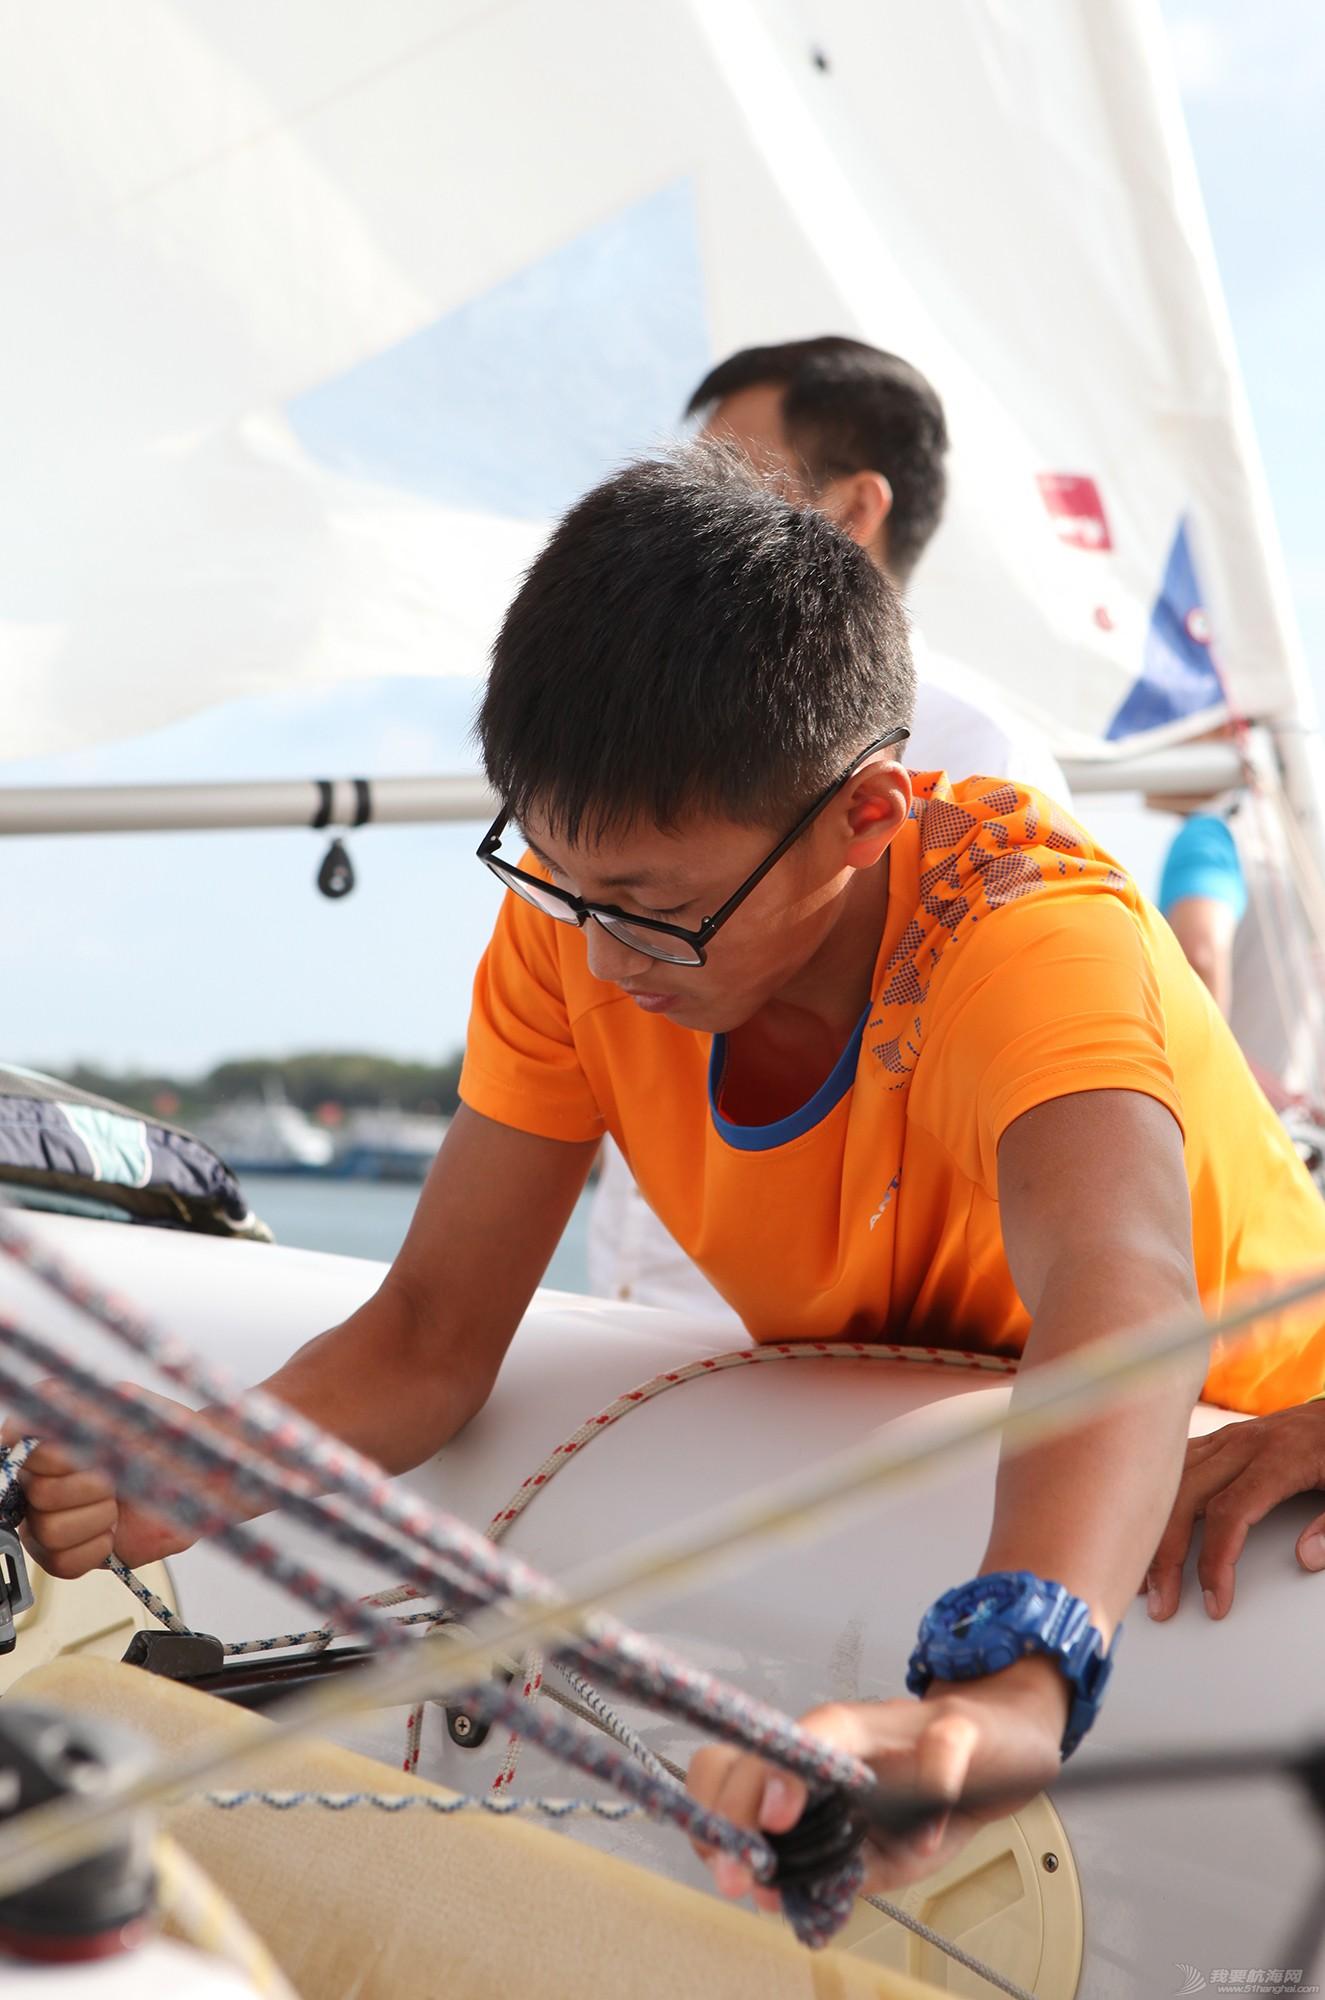 山东省,冠军赛,帆板,帆船 忙碌的赛前准备——山东省帆船帆板冠军赛花絮 IMG_7247.JPG